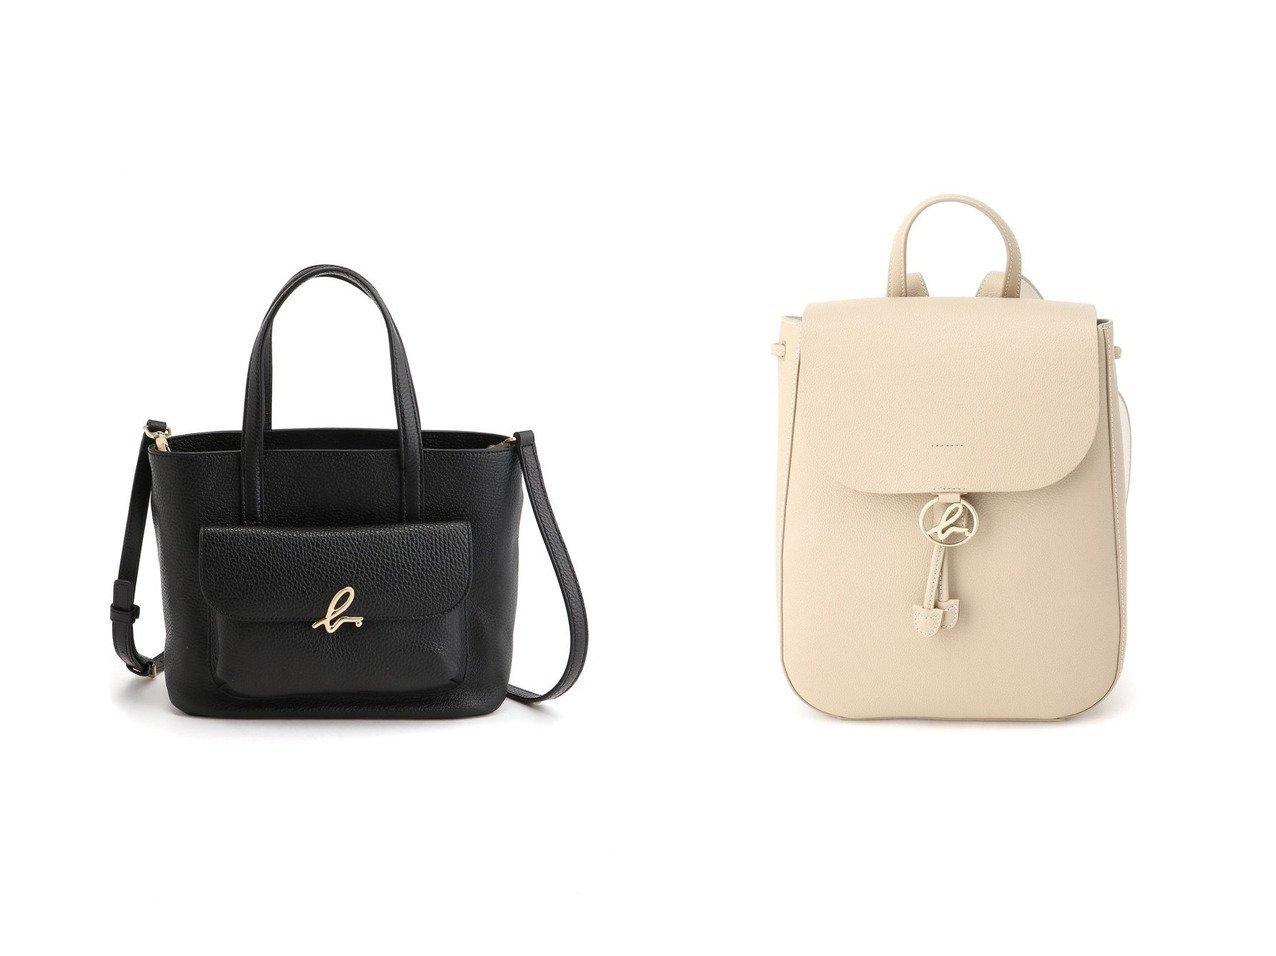 【agnes b. Voyage/アニエスベー ボヤージュ】のagnes b.PAS13-03バックパック&agnes b.IS12F-06 トートバッグ 【バッグ・鞄】おすすめ!人気、トレンド・レディースファッションの通販 おすすめで人気の流行・トレンド、ファッションの通販商品 インテリア・家具・メンズファッション・キッズファッション・レディースファッション・服の通販 founy(ファニー) https://founy.com/ ファッション Fashion レディースファッション WOMEN バッグ Bag スタイリッシュ コンビ フォルム プレート ライニング リュック  ID:crp329100000048180